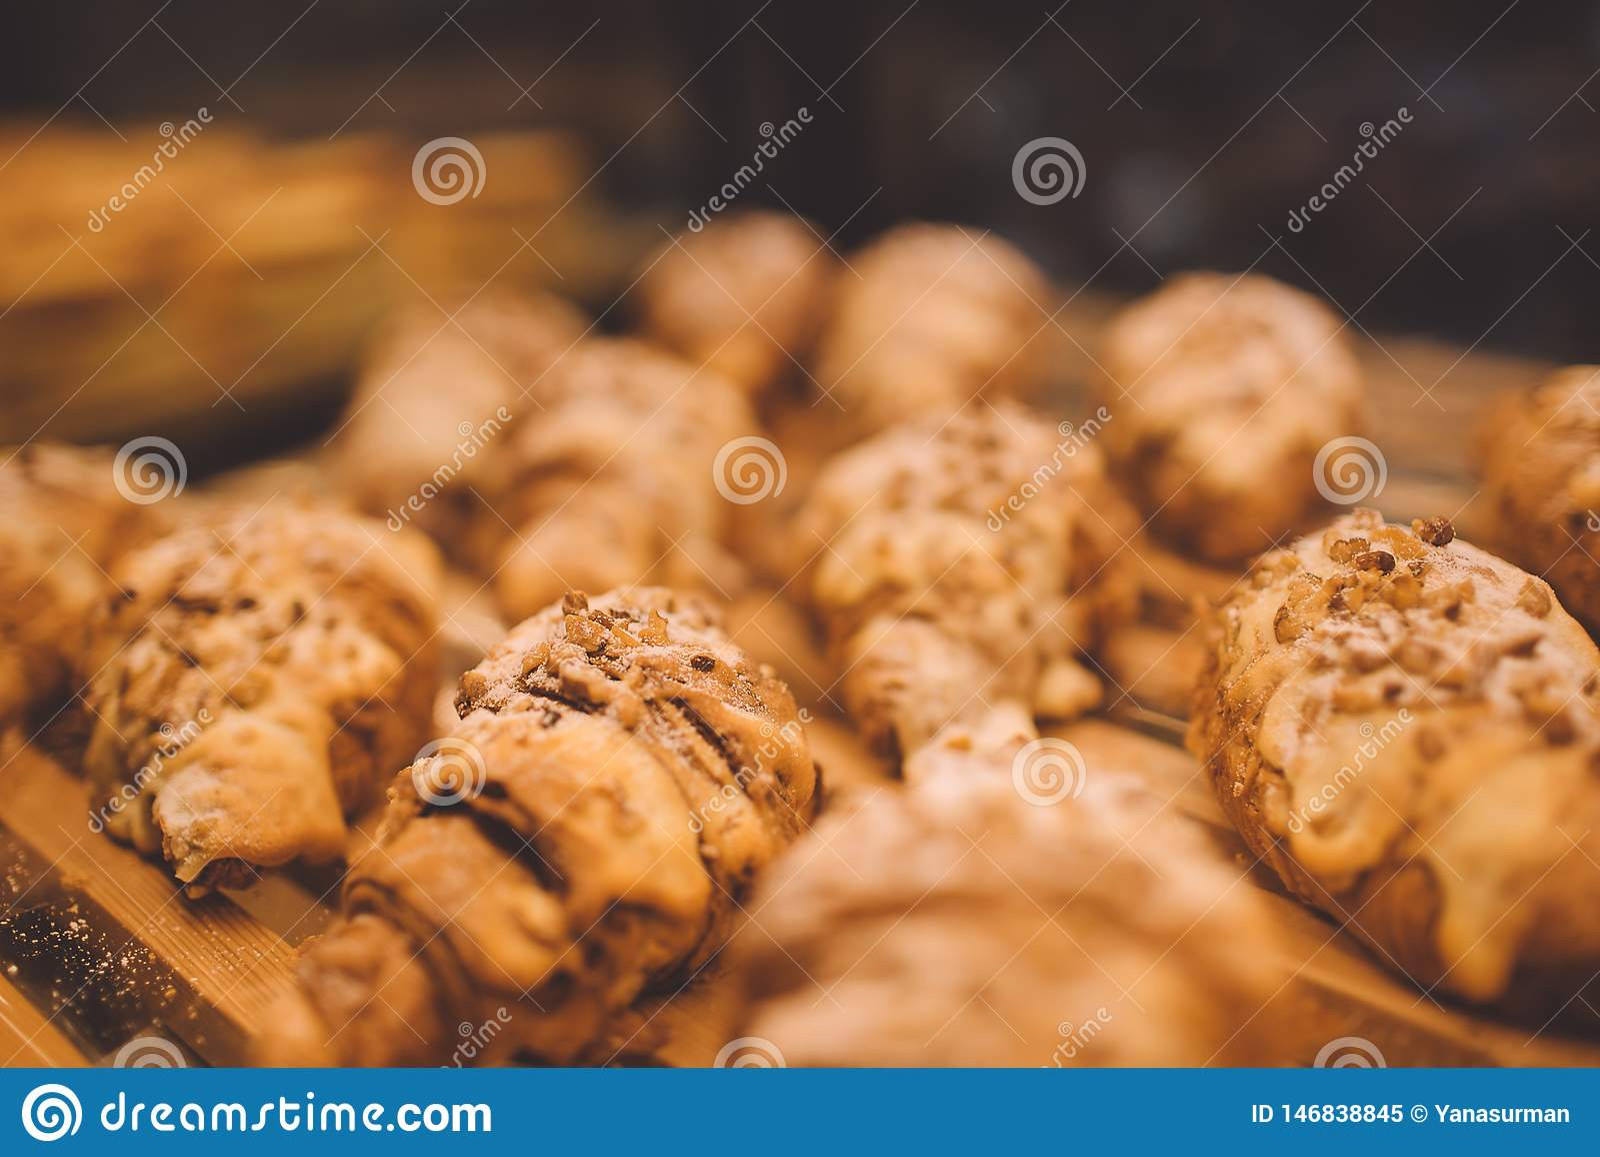 Πρόσφατα ψημένος croissants σε ένα κατάστημα αρτοποιείων